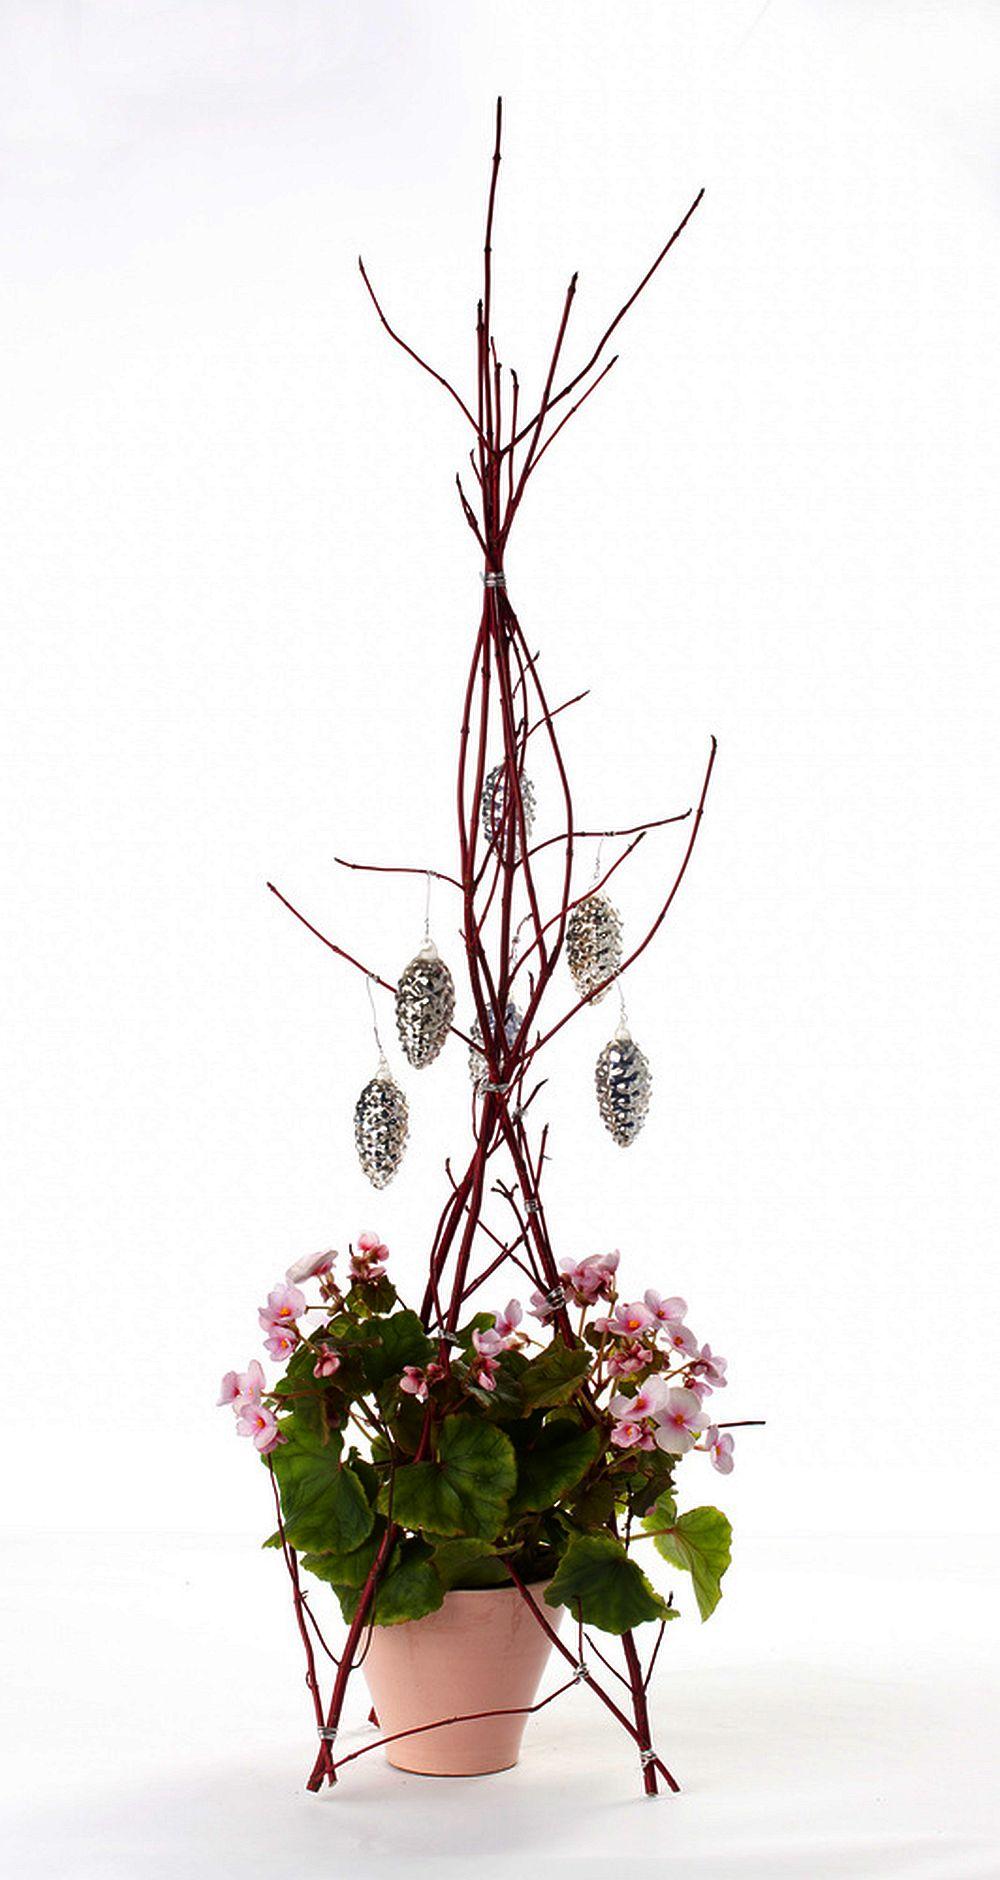 Begonia lorraine intr-o masca de ghiveci si cu decoratiuni din crengi deasupra